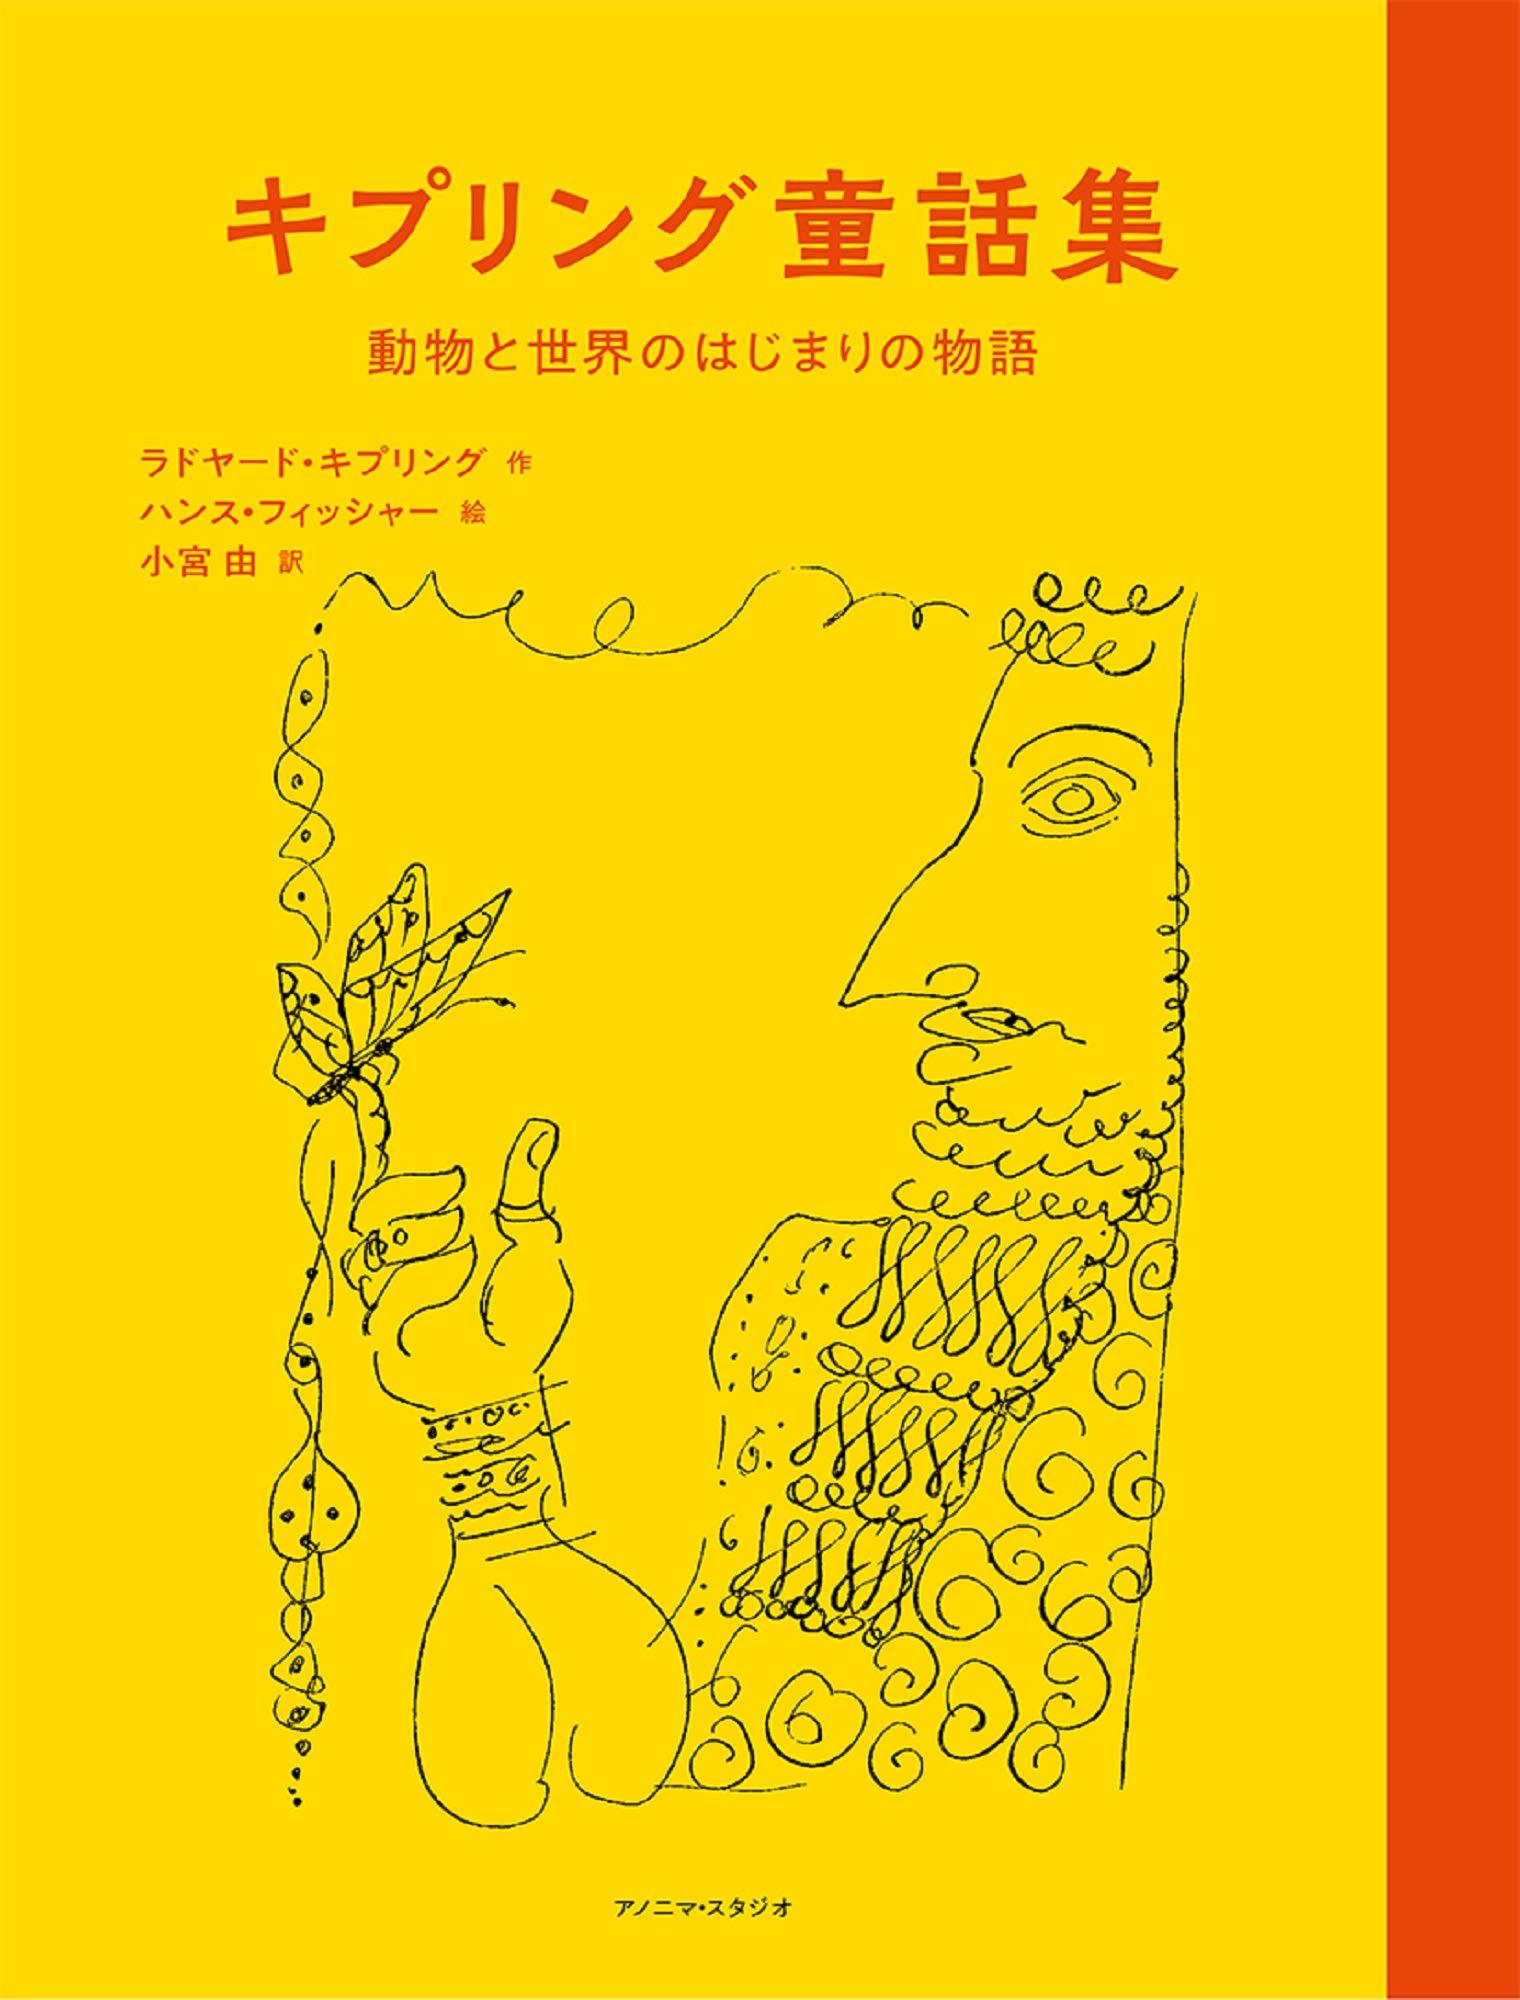 キプリング童話集 ―動物と世界のはじまりの物語―